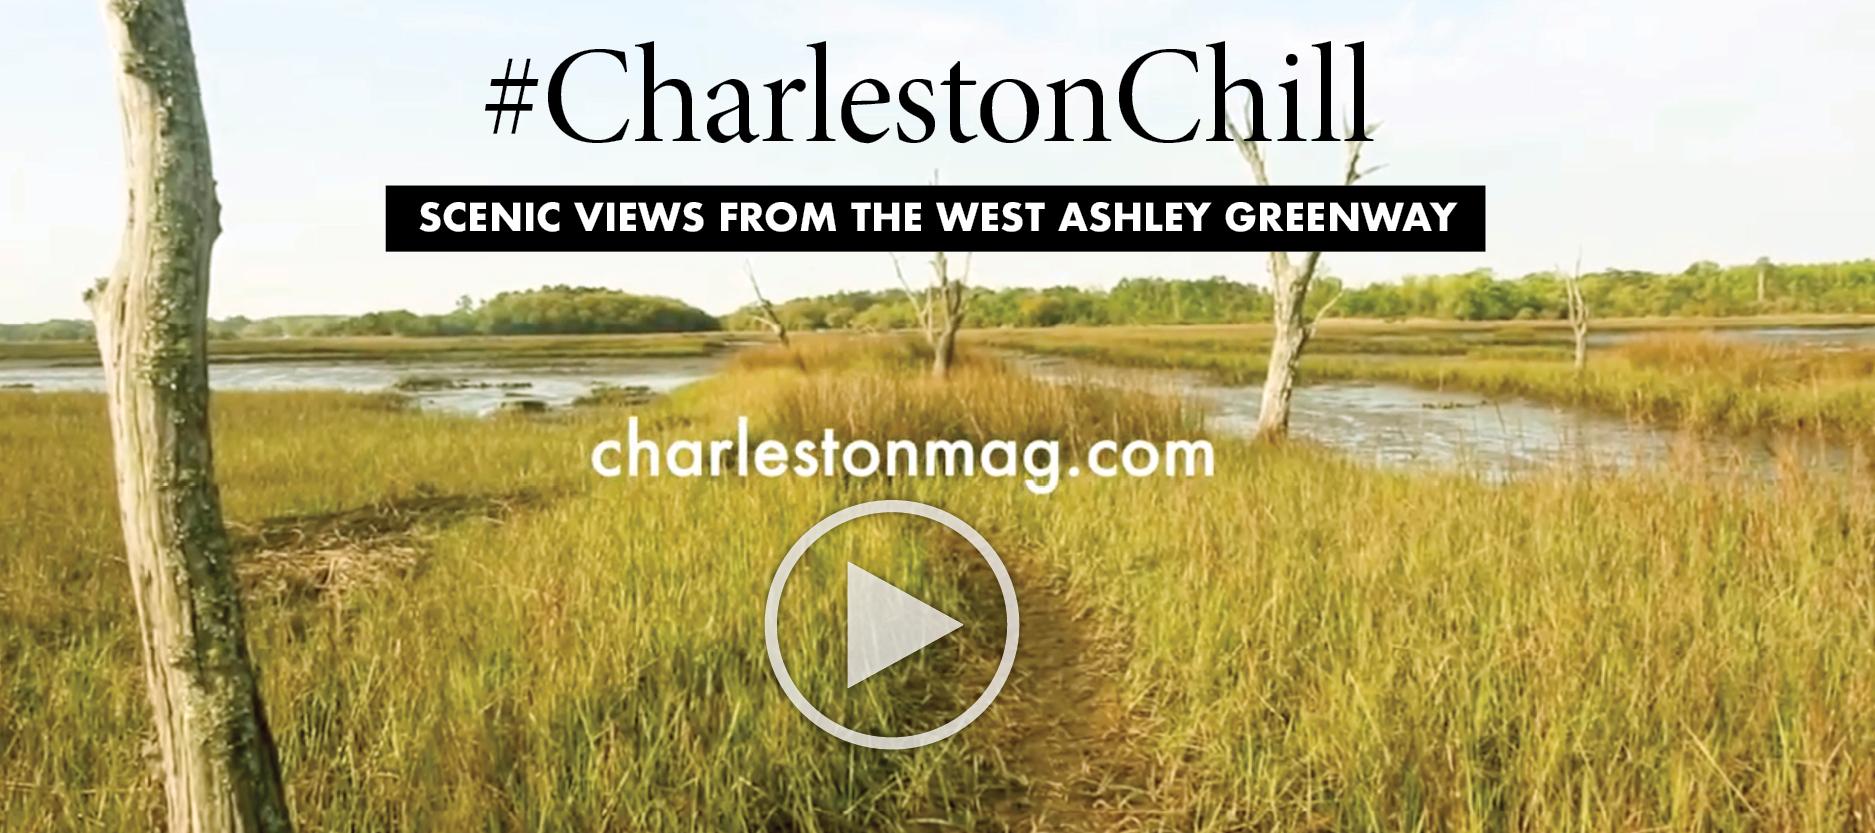 Charleston Chill